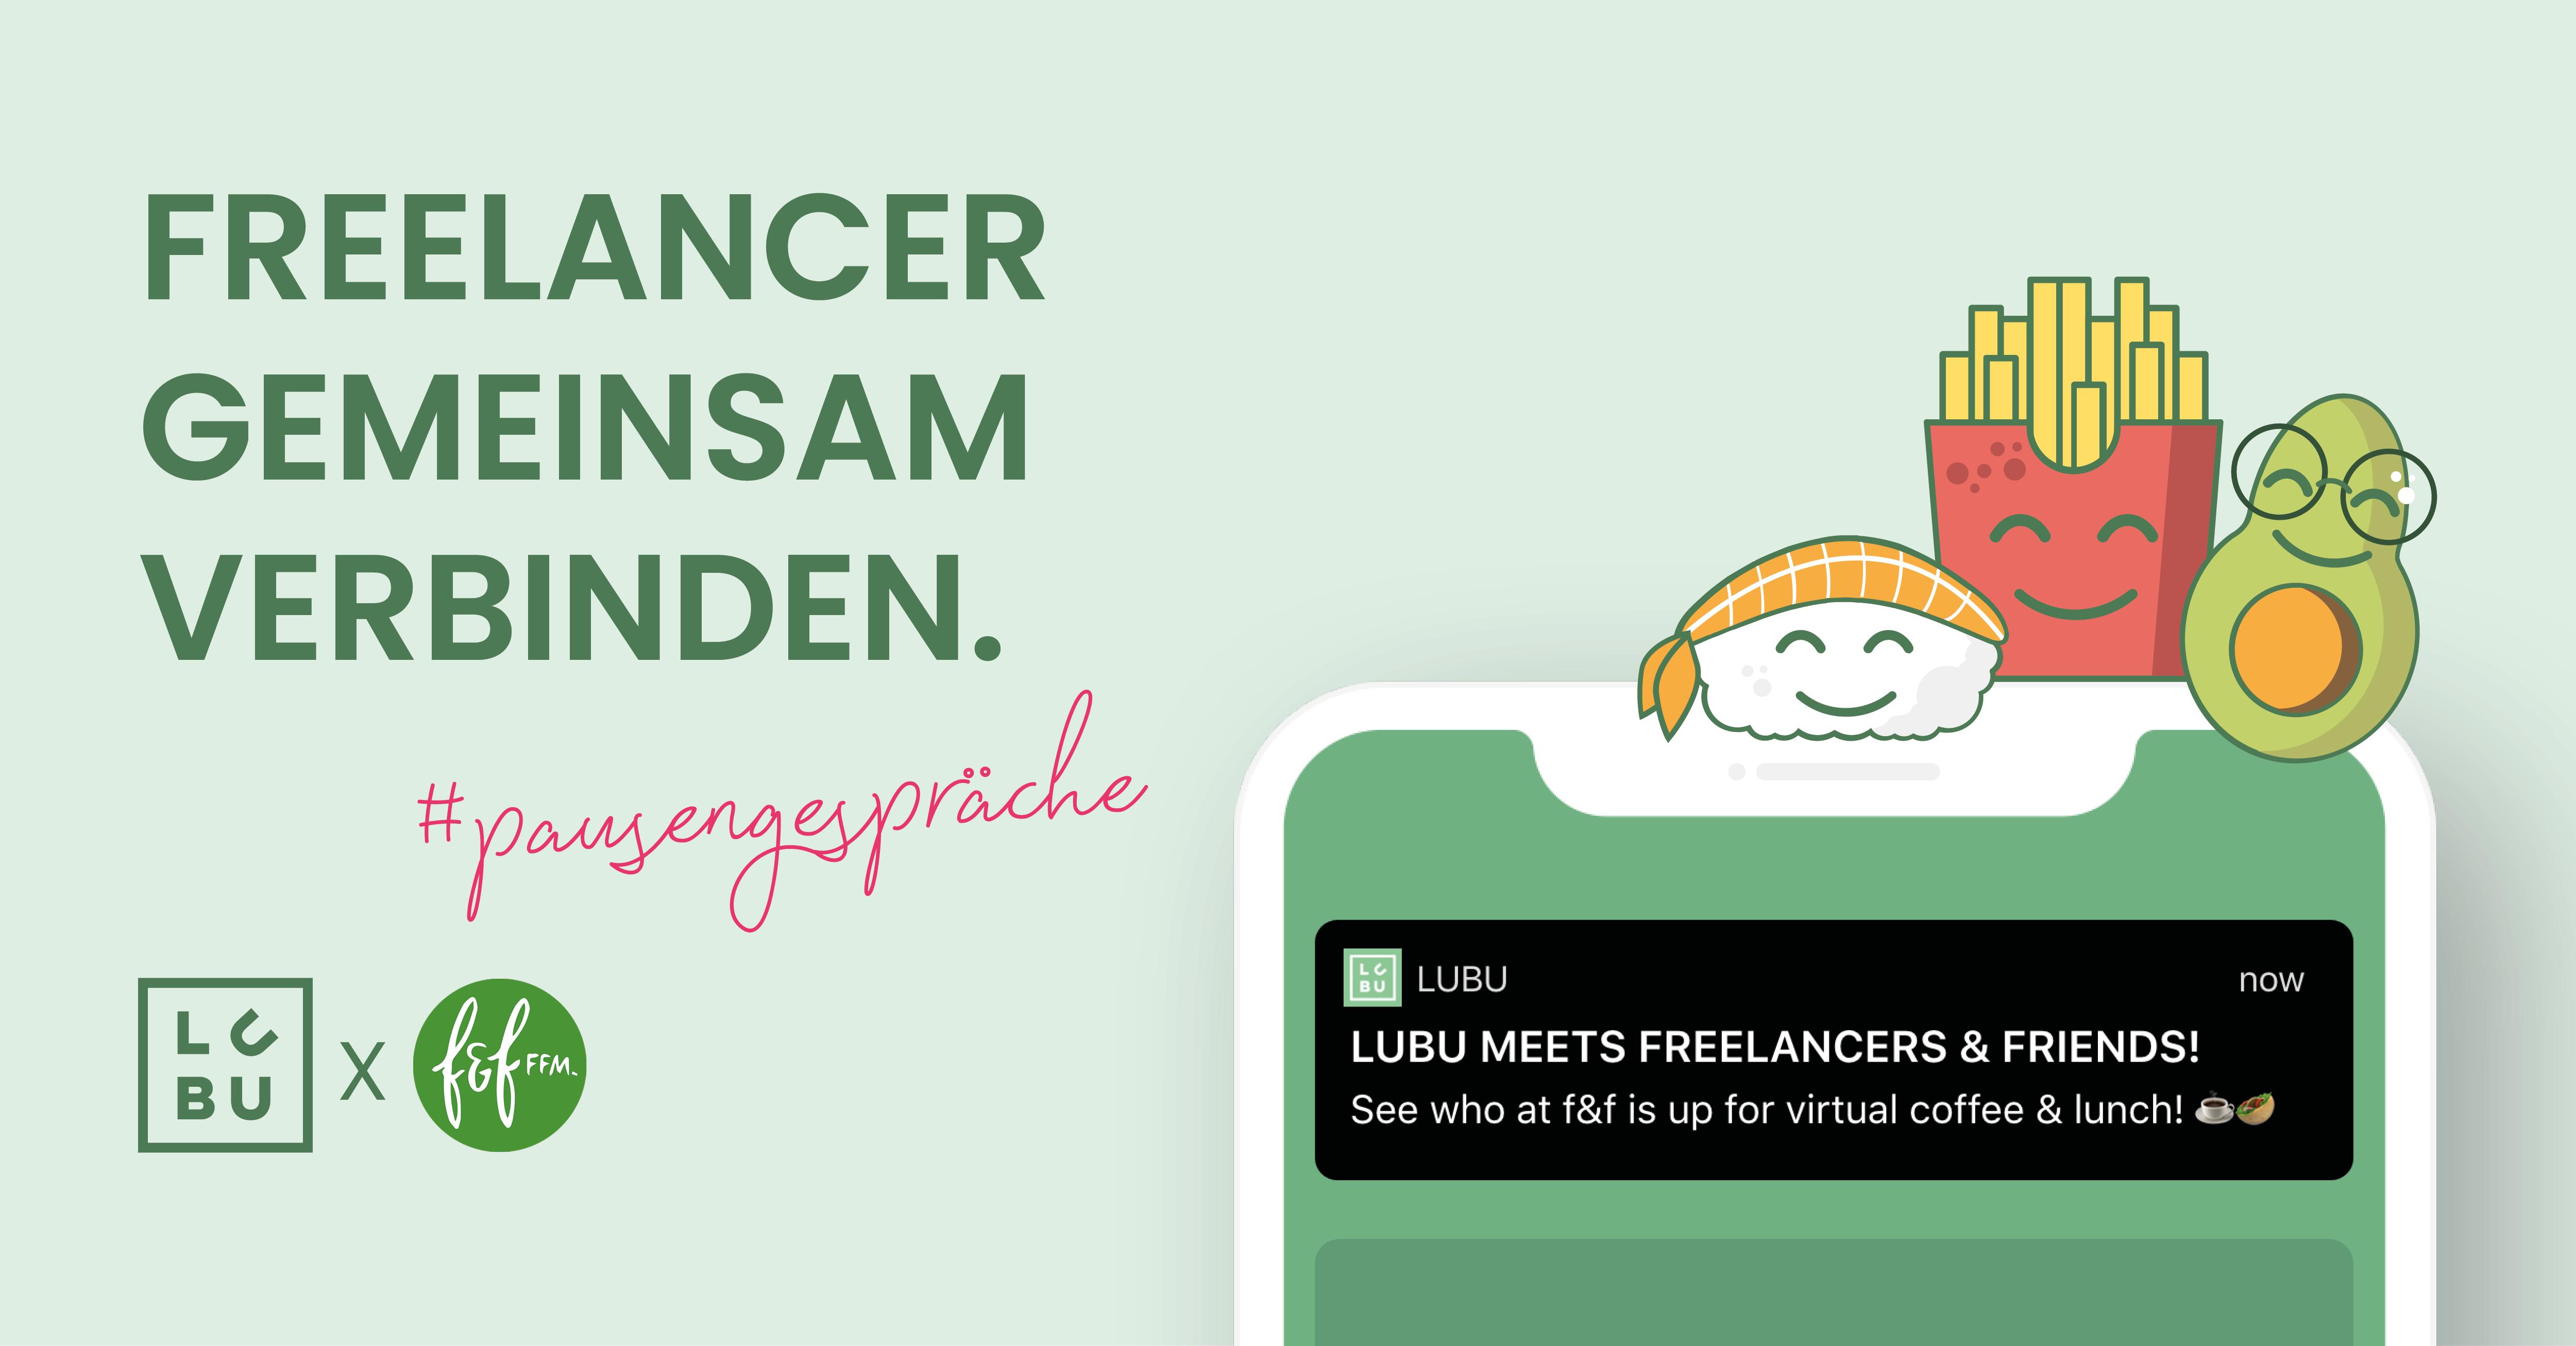 Freelancer gemeinsam verbinden: LuBu & freelancers & friends - Ankündigung